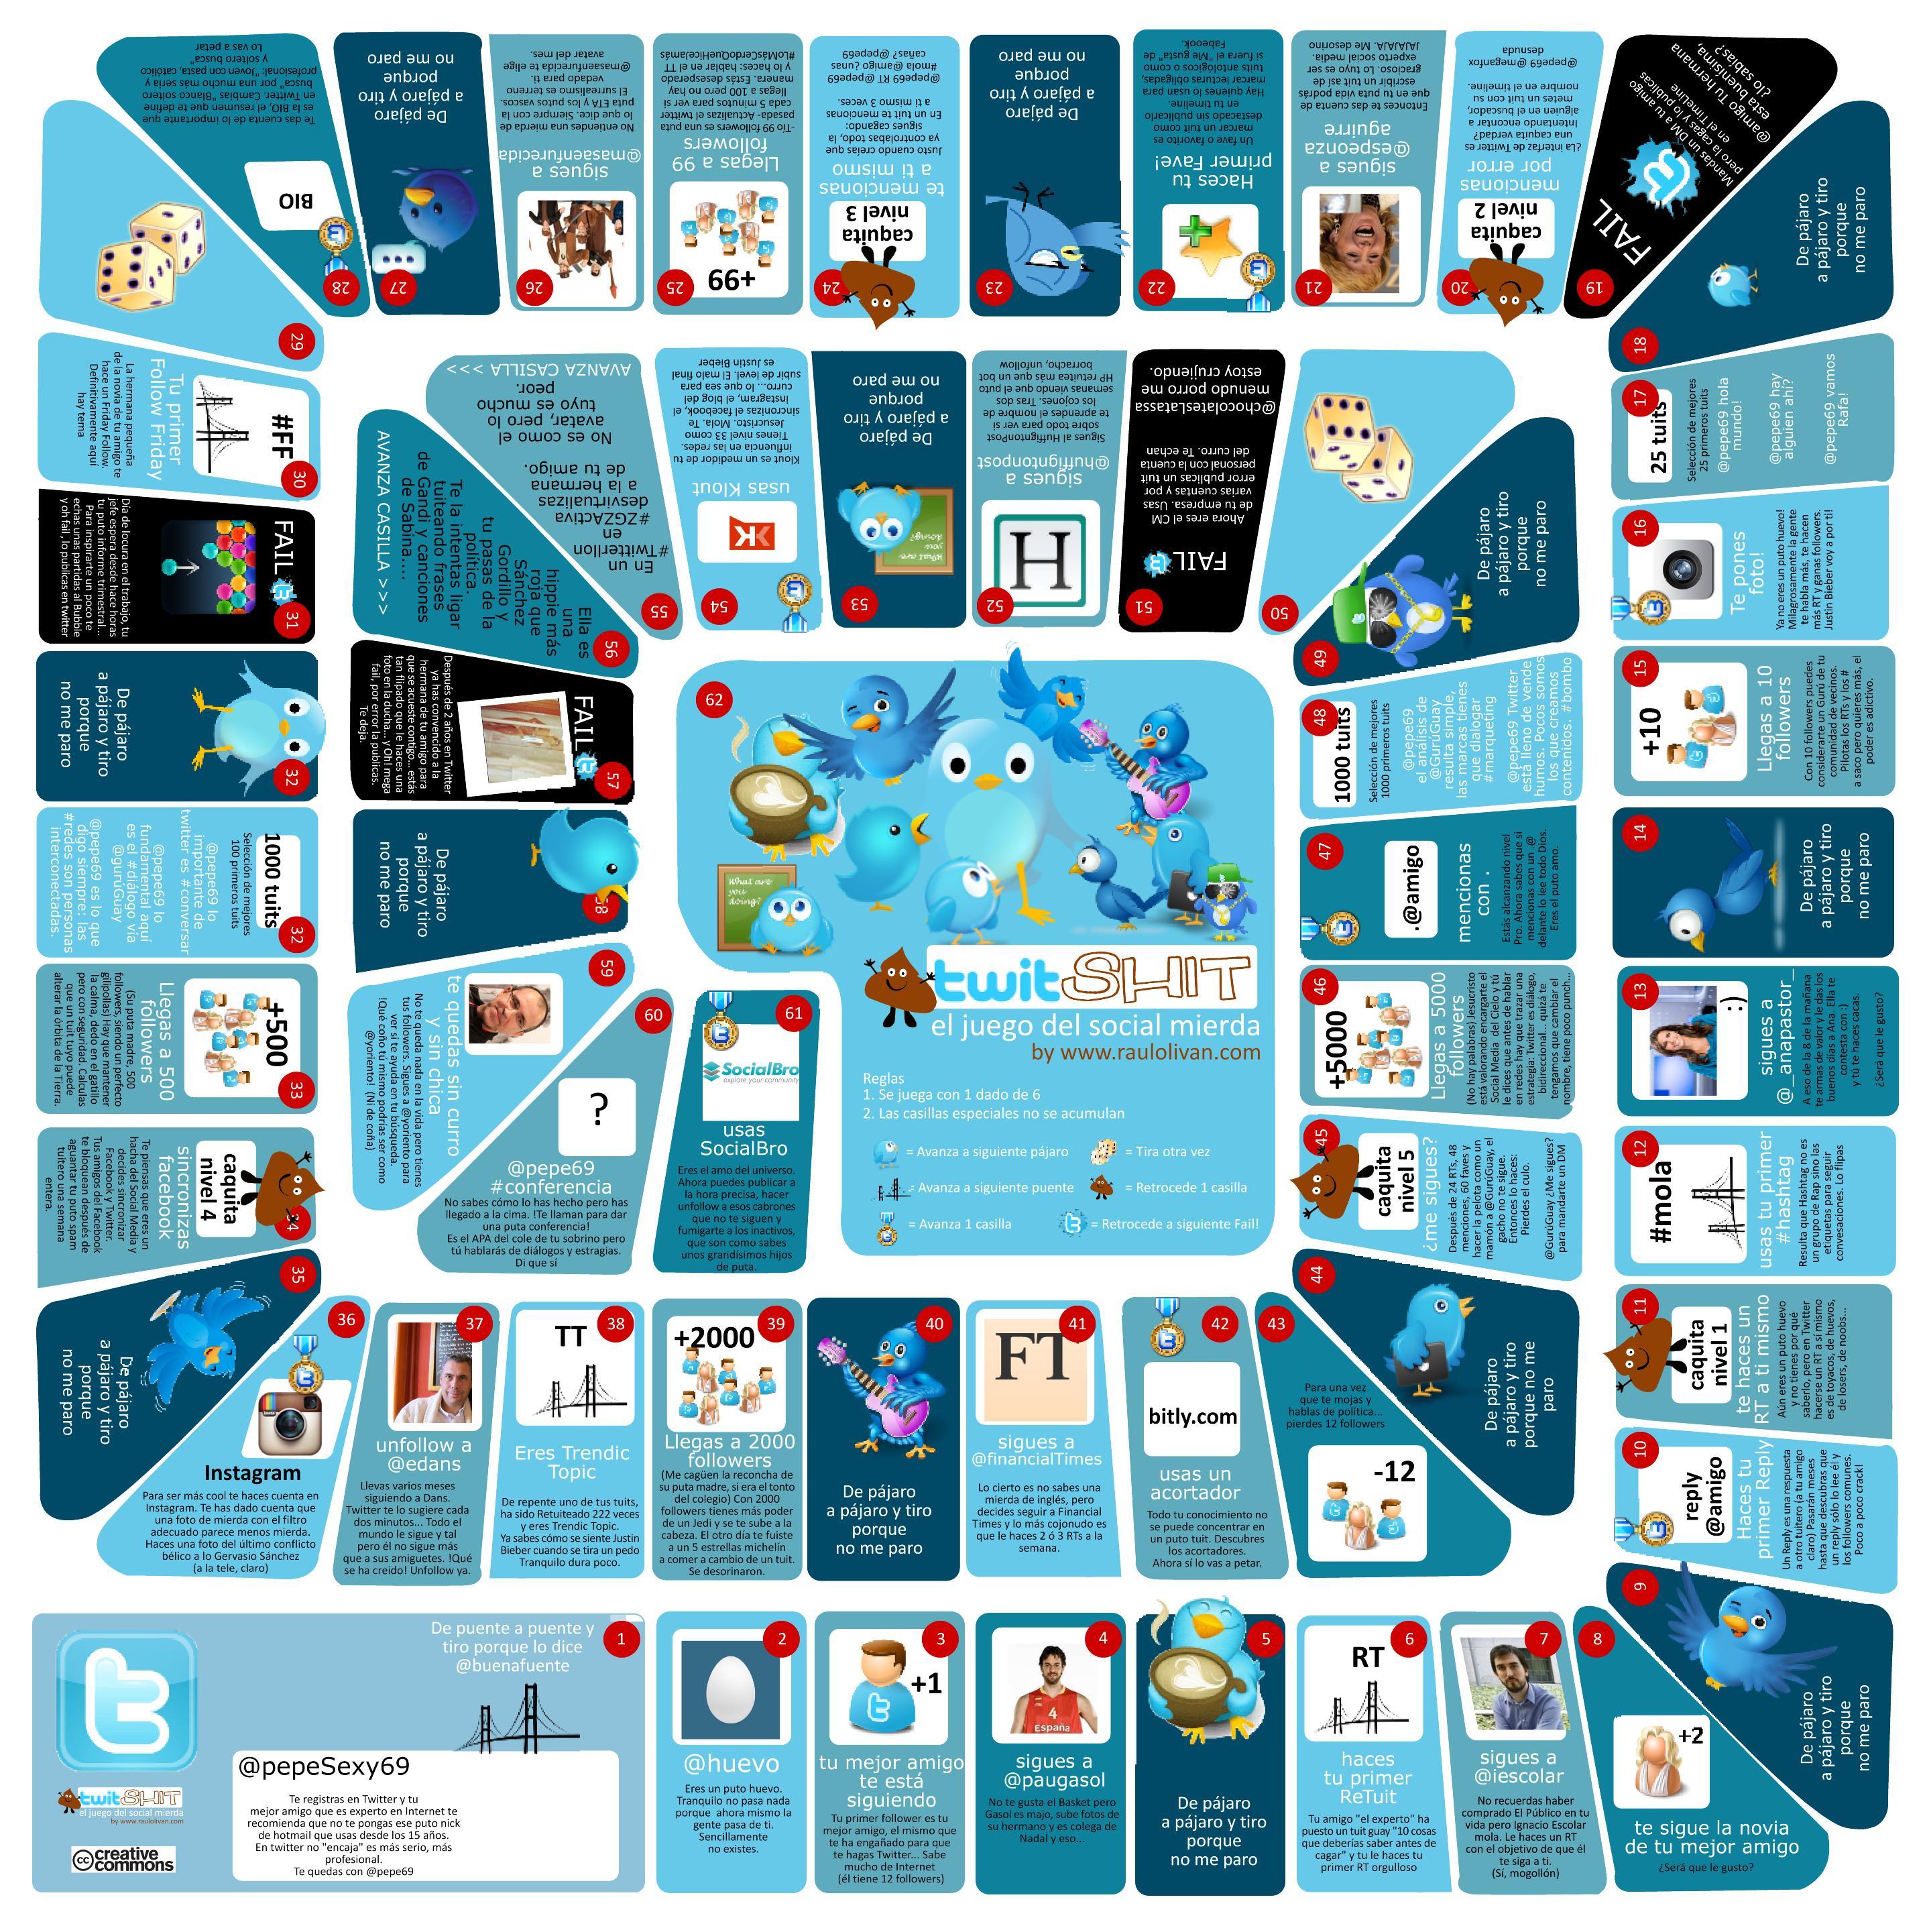 Juegos De Mesa Basados En Redes Sociales Social Media Games